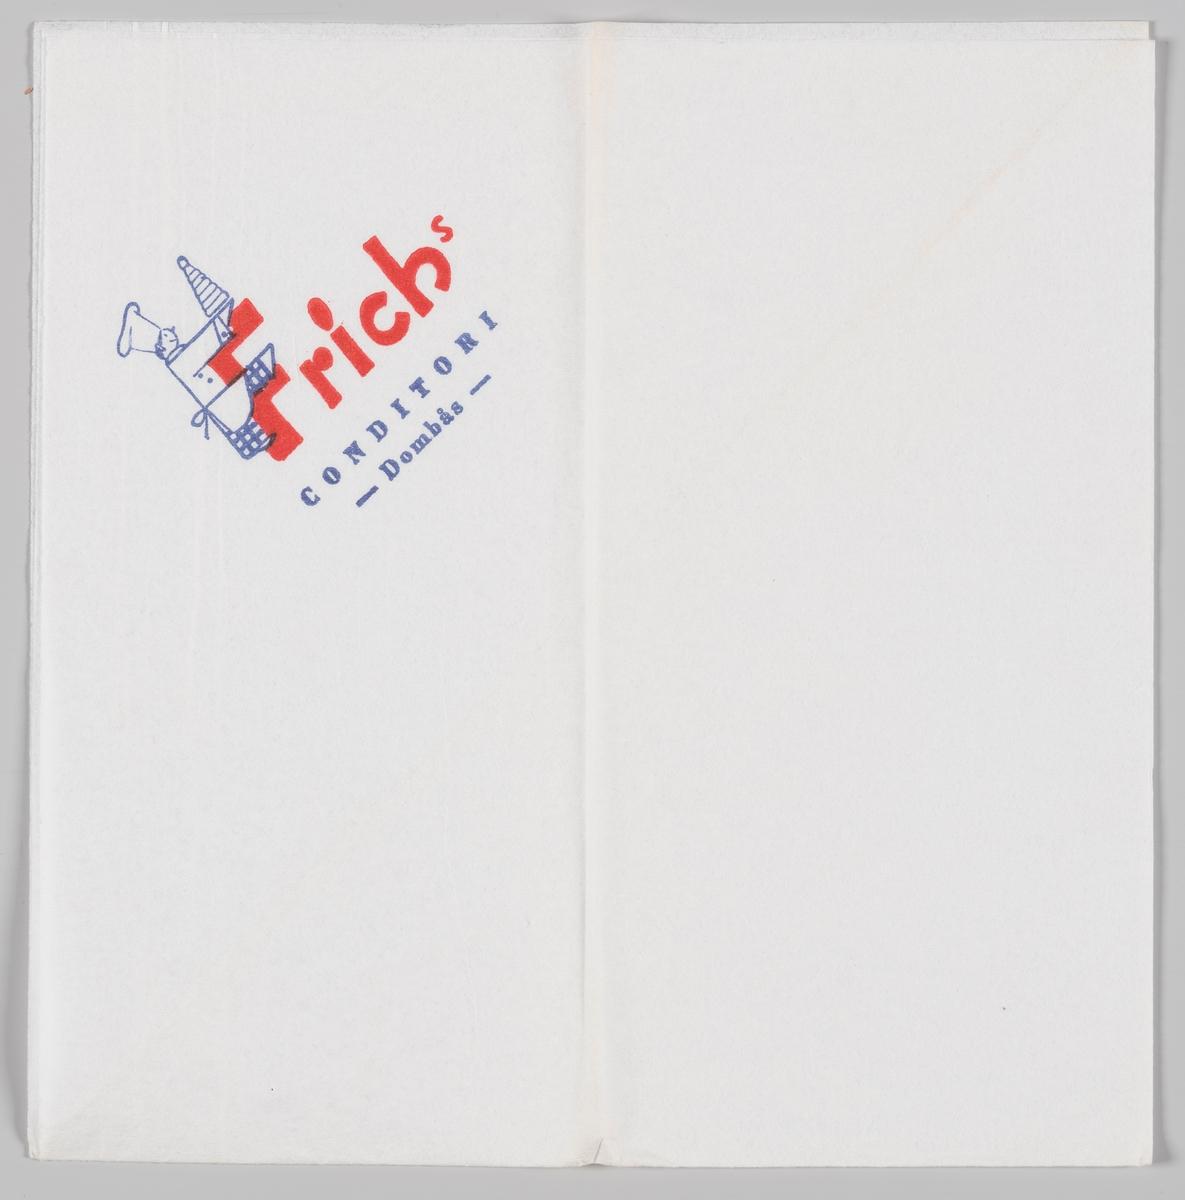 En baker med en kransekake som krabber opp på bokstaven F i reklameteksten for Frich`s Conditori på Dombås.